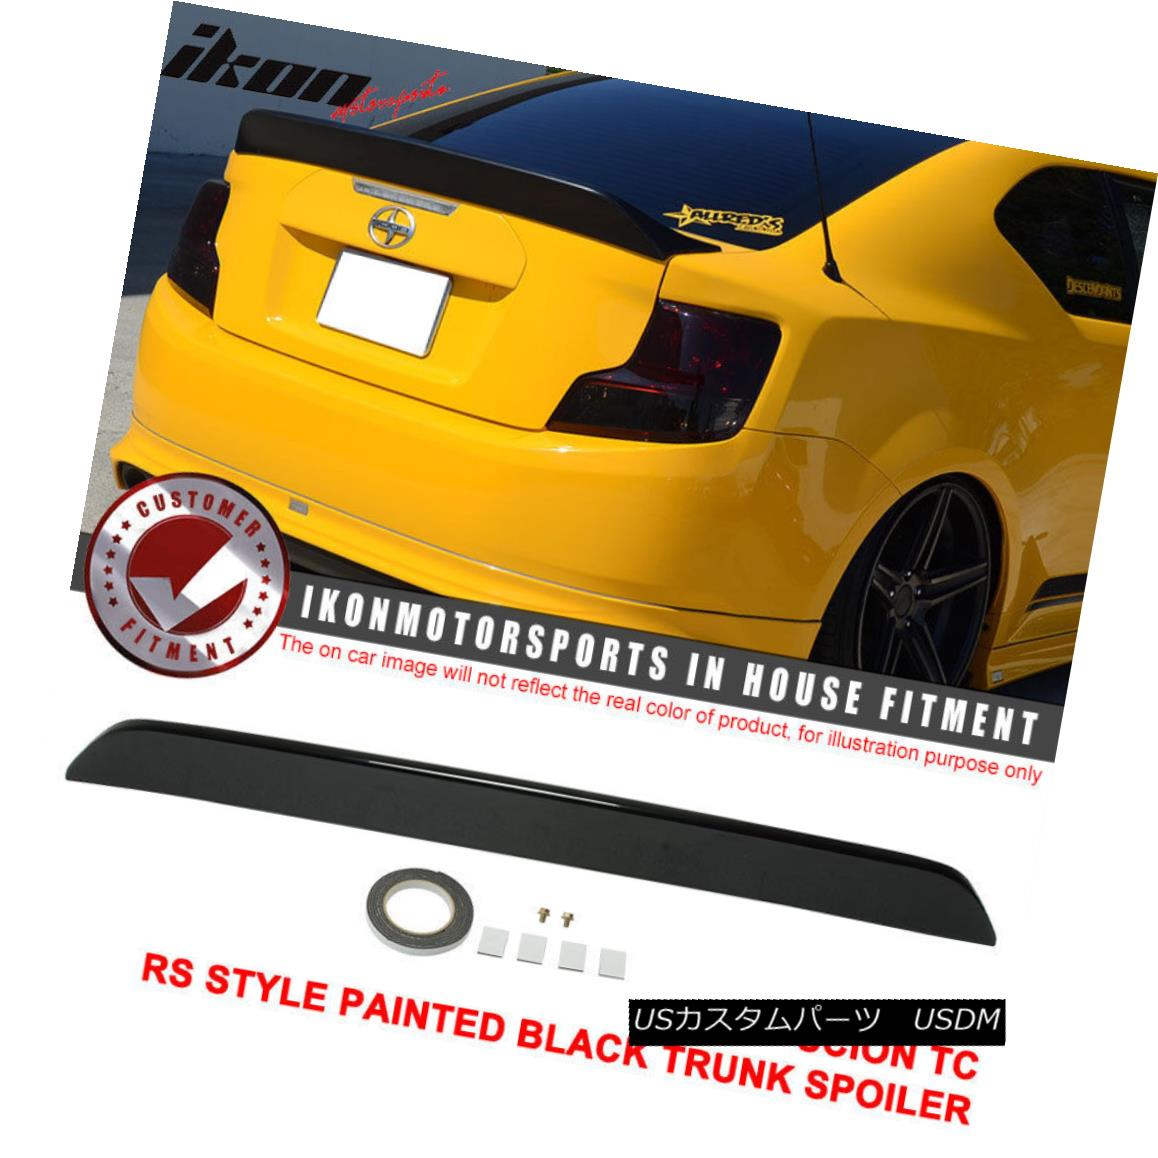 エアロパーツ 11-15 Scion TC RS Style Painted # 202 Black Trunk Spoiler - ABS サイレントTC RSスタイルの塗装#202ブラックトランクスポイラー - ABS